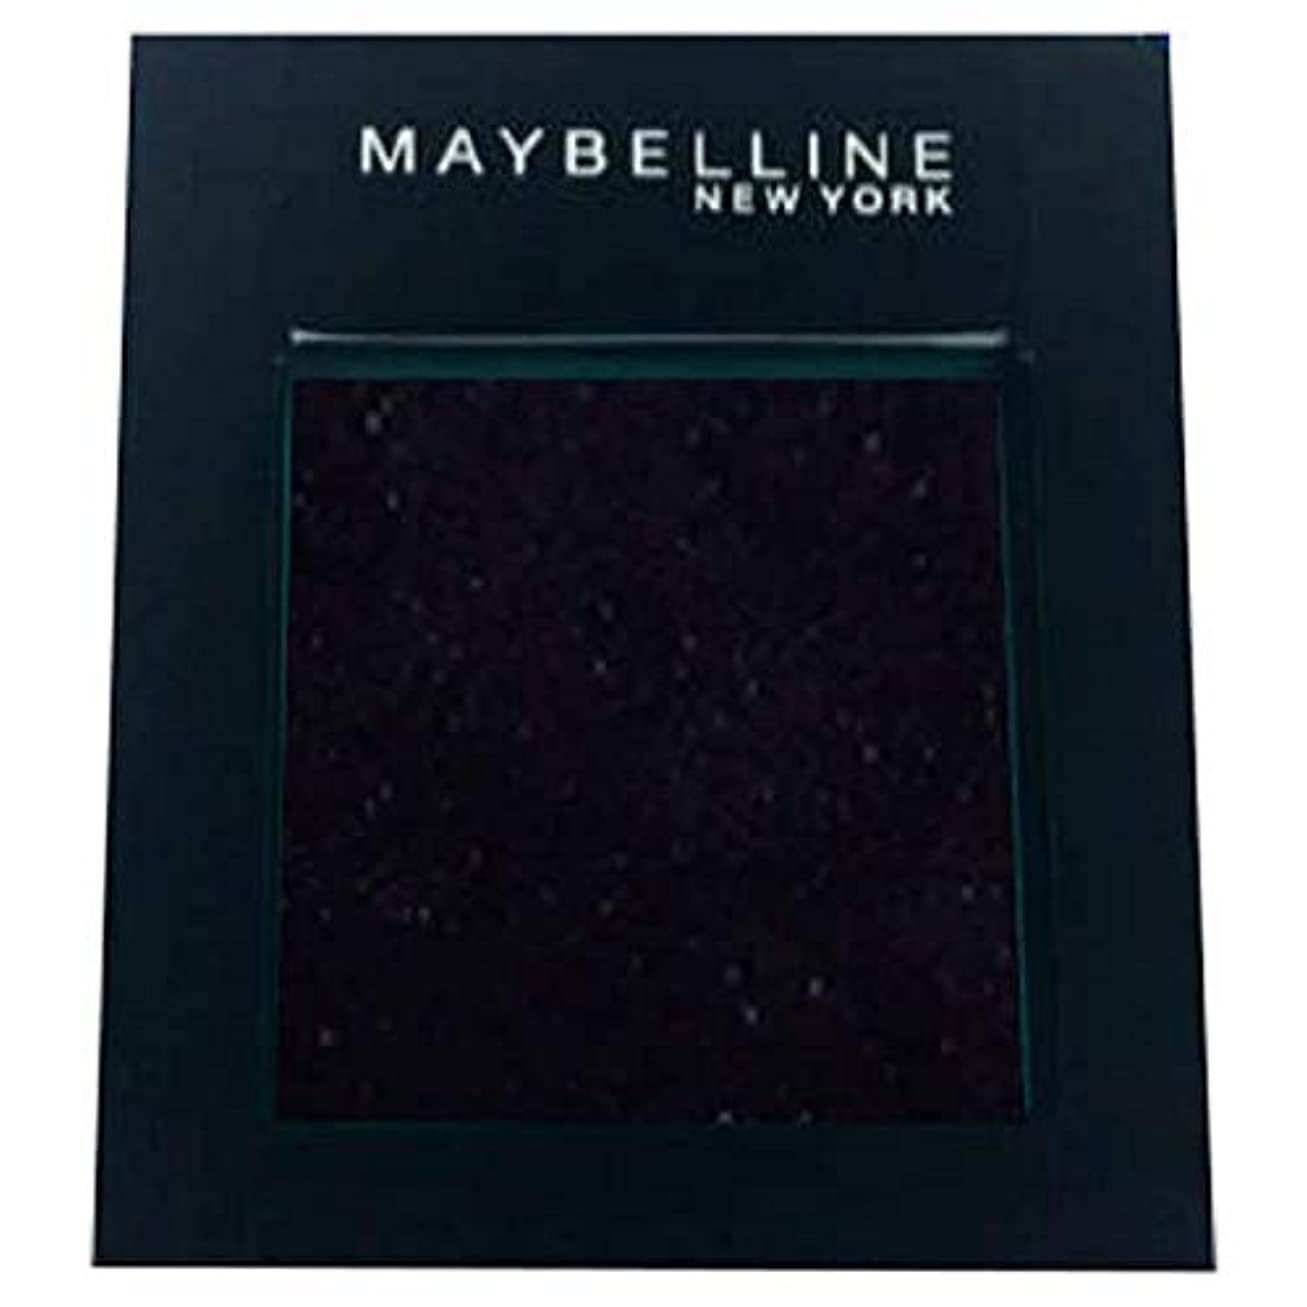 海洋のプランテーションガス[Maybelline ] メイベリンカラーショーシングルアイシャドウ125の夜 - Maybelline Color Show Single Eyeshadow 125 Night [並行輸入品]